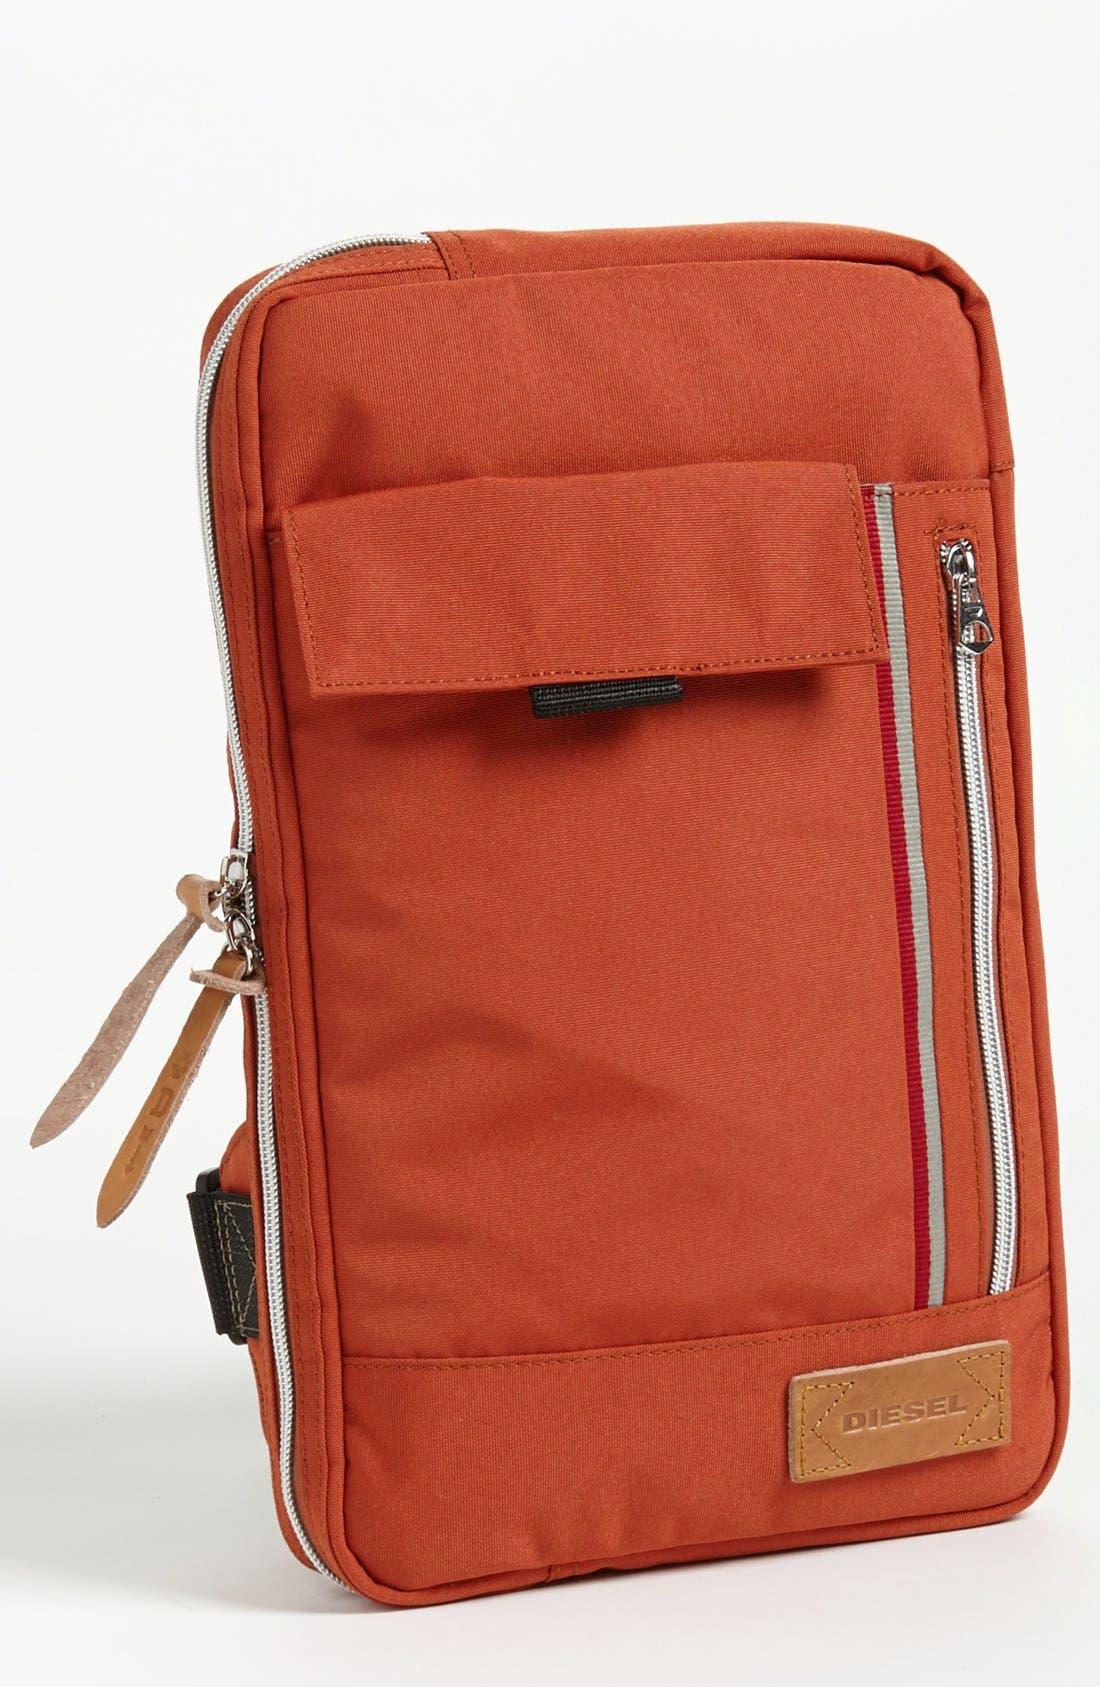 Alternate Image 1 Selected - DIESEL® 'Get On Track' Belted Messenger Bag